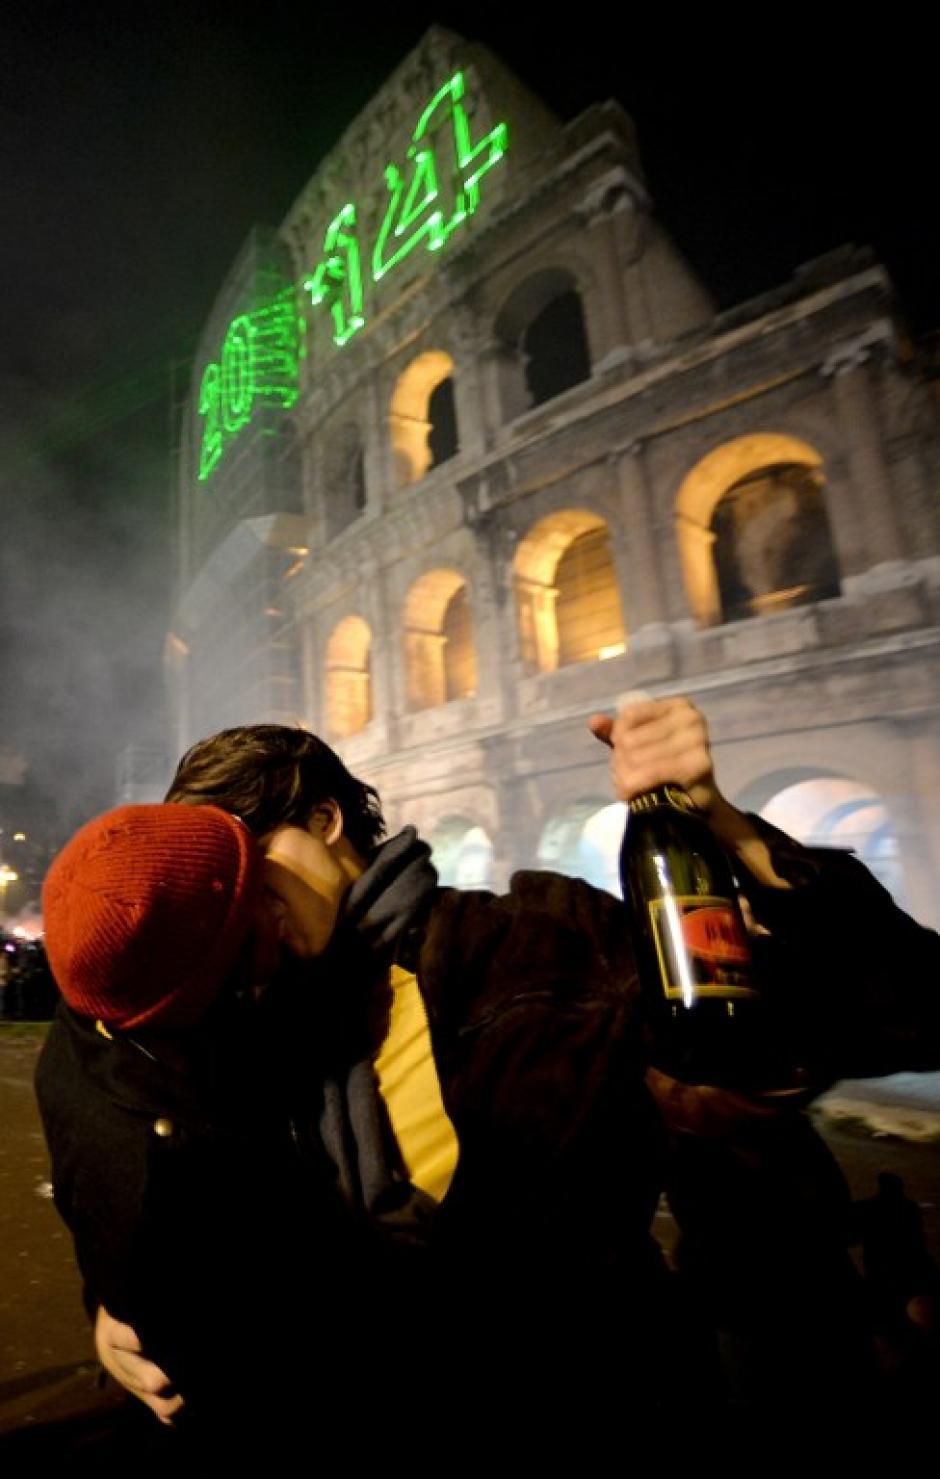 El coliseo romano es el escenario ideal para los italianos que acuden a participar de las festividades del Año Nuevo. Foto AFP